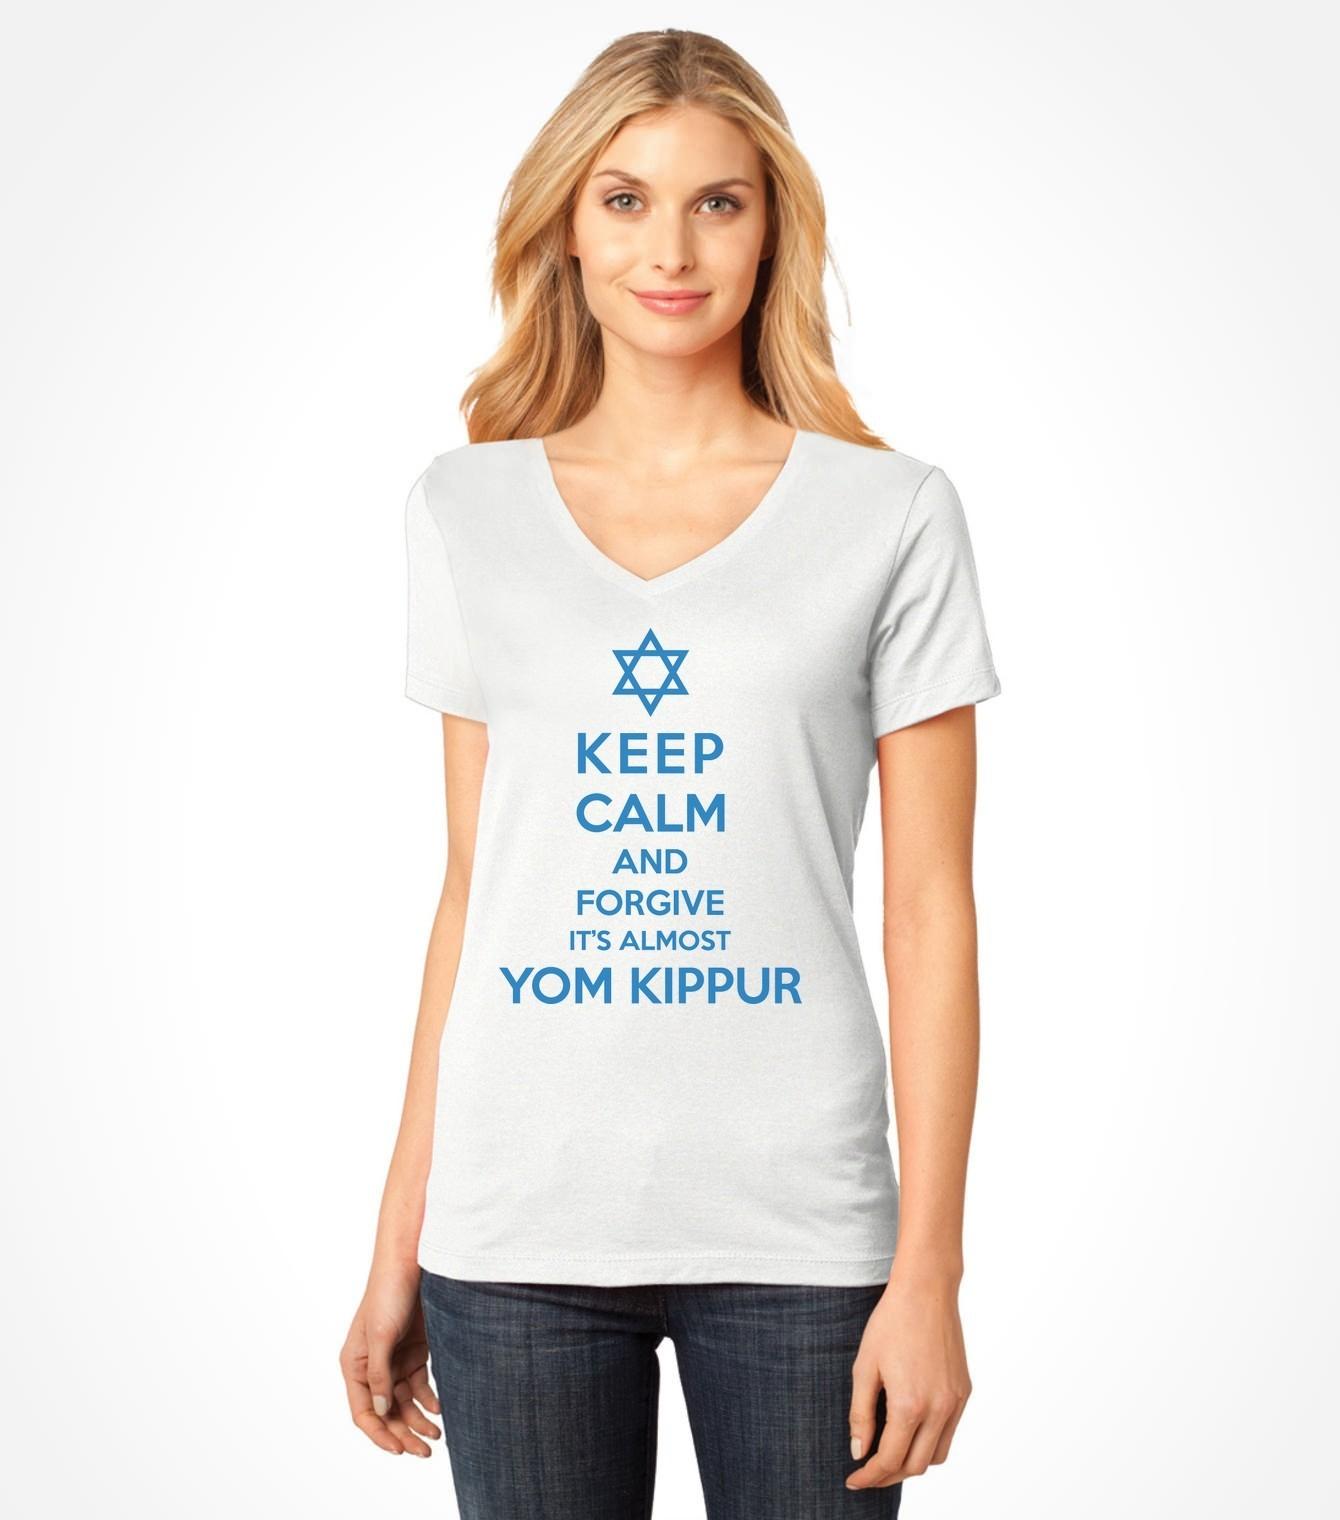 yom kippur - photo #18